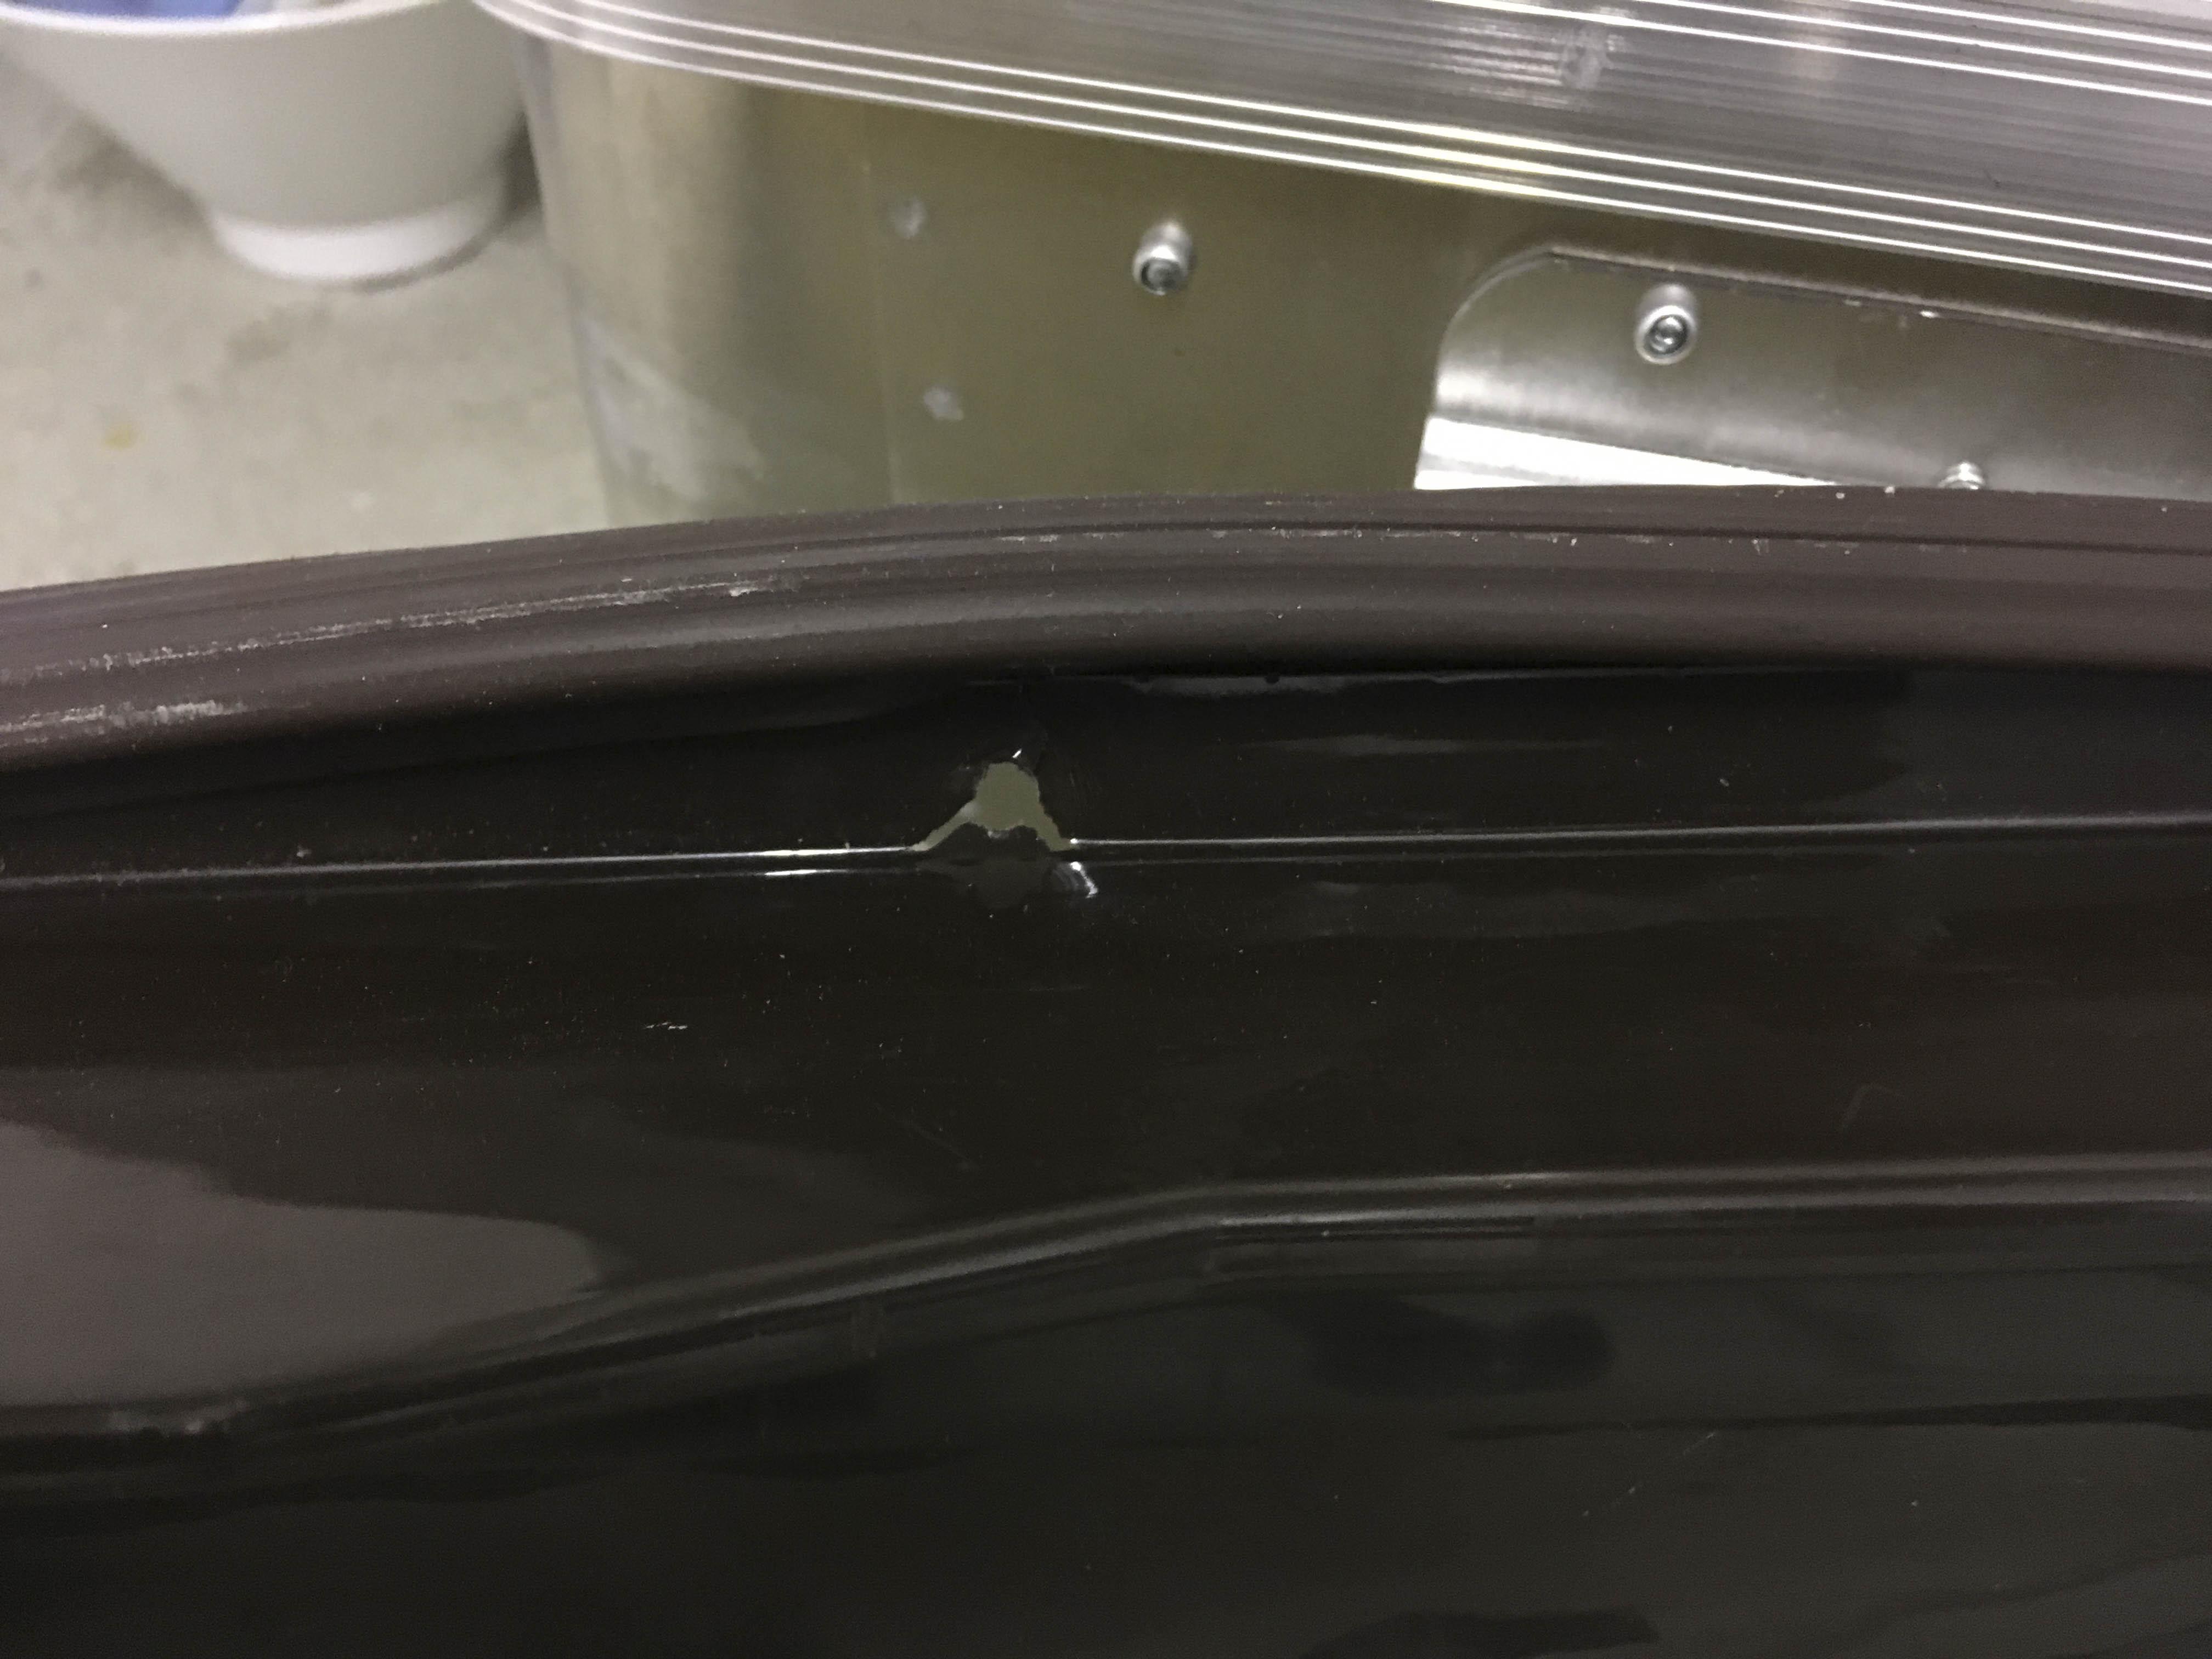 Electrolux Auto Kühlschrank : Electrolux auto kühlschrank fiat ducato ab kuehlschrank nicht